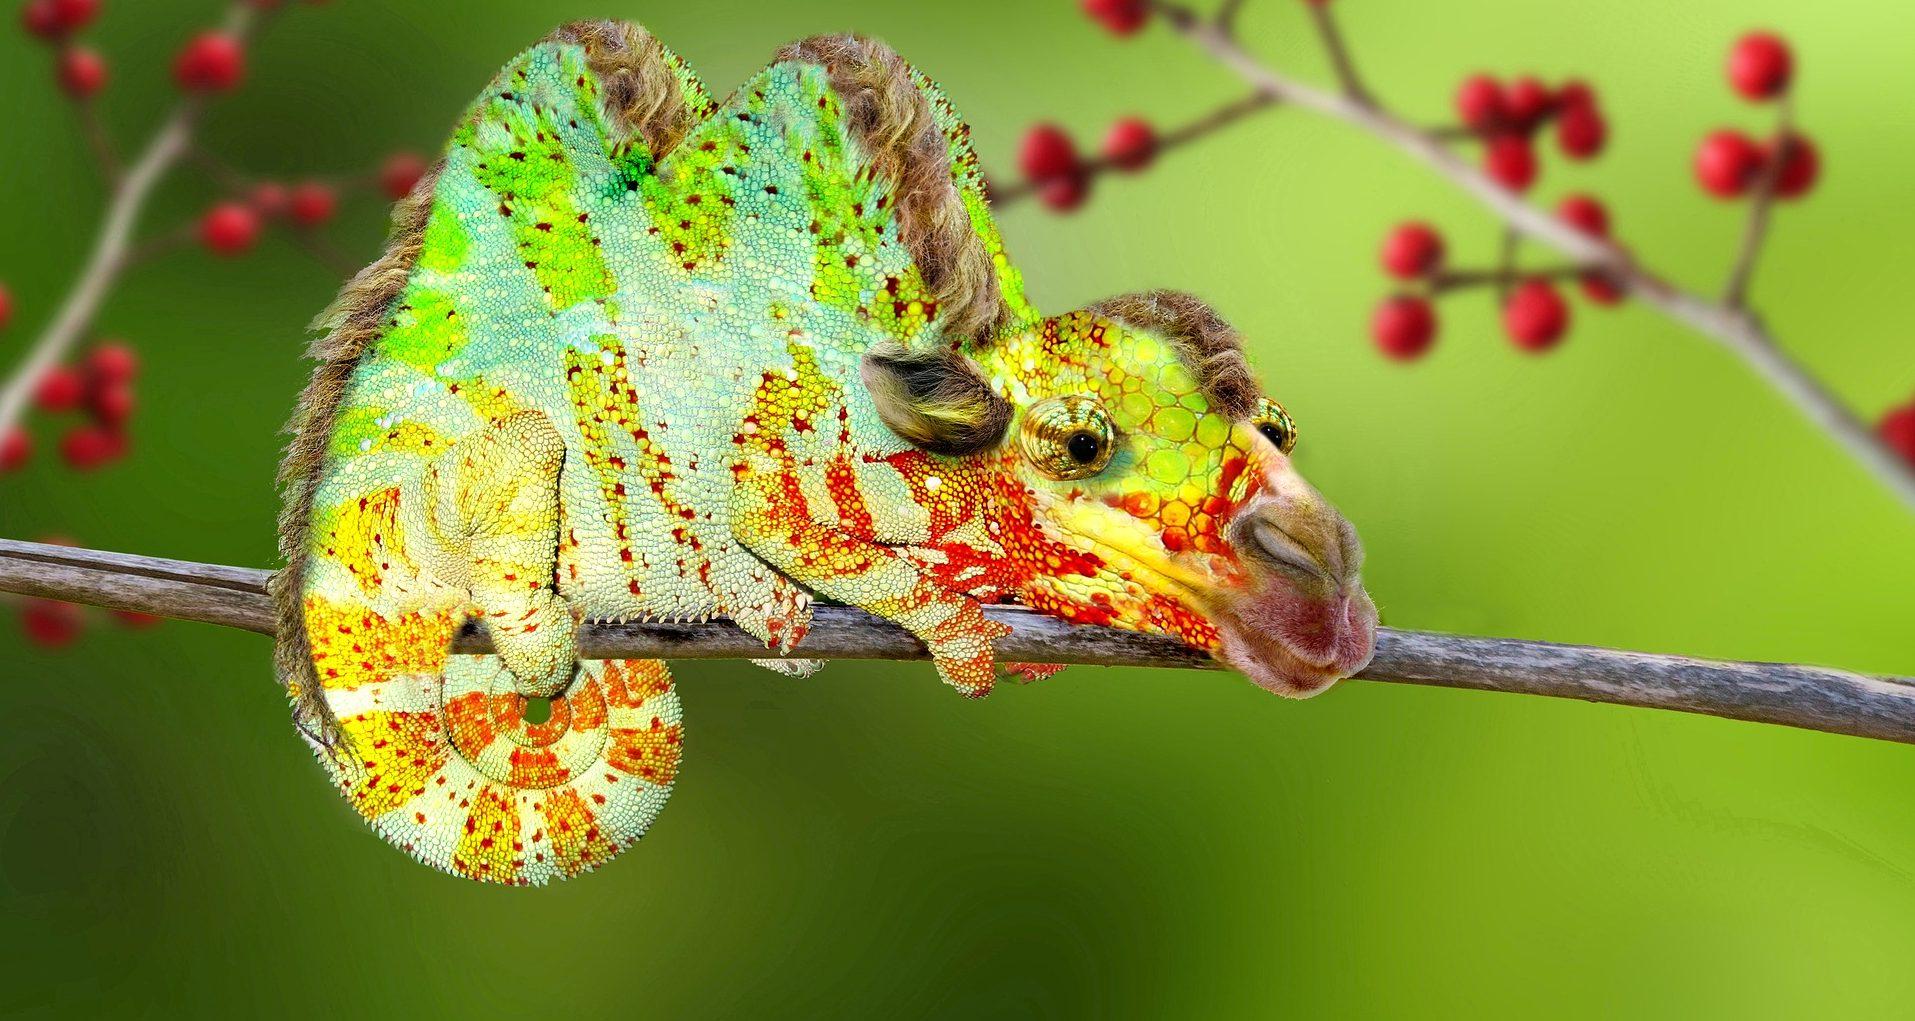 Kamel-Chameleon